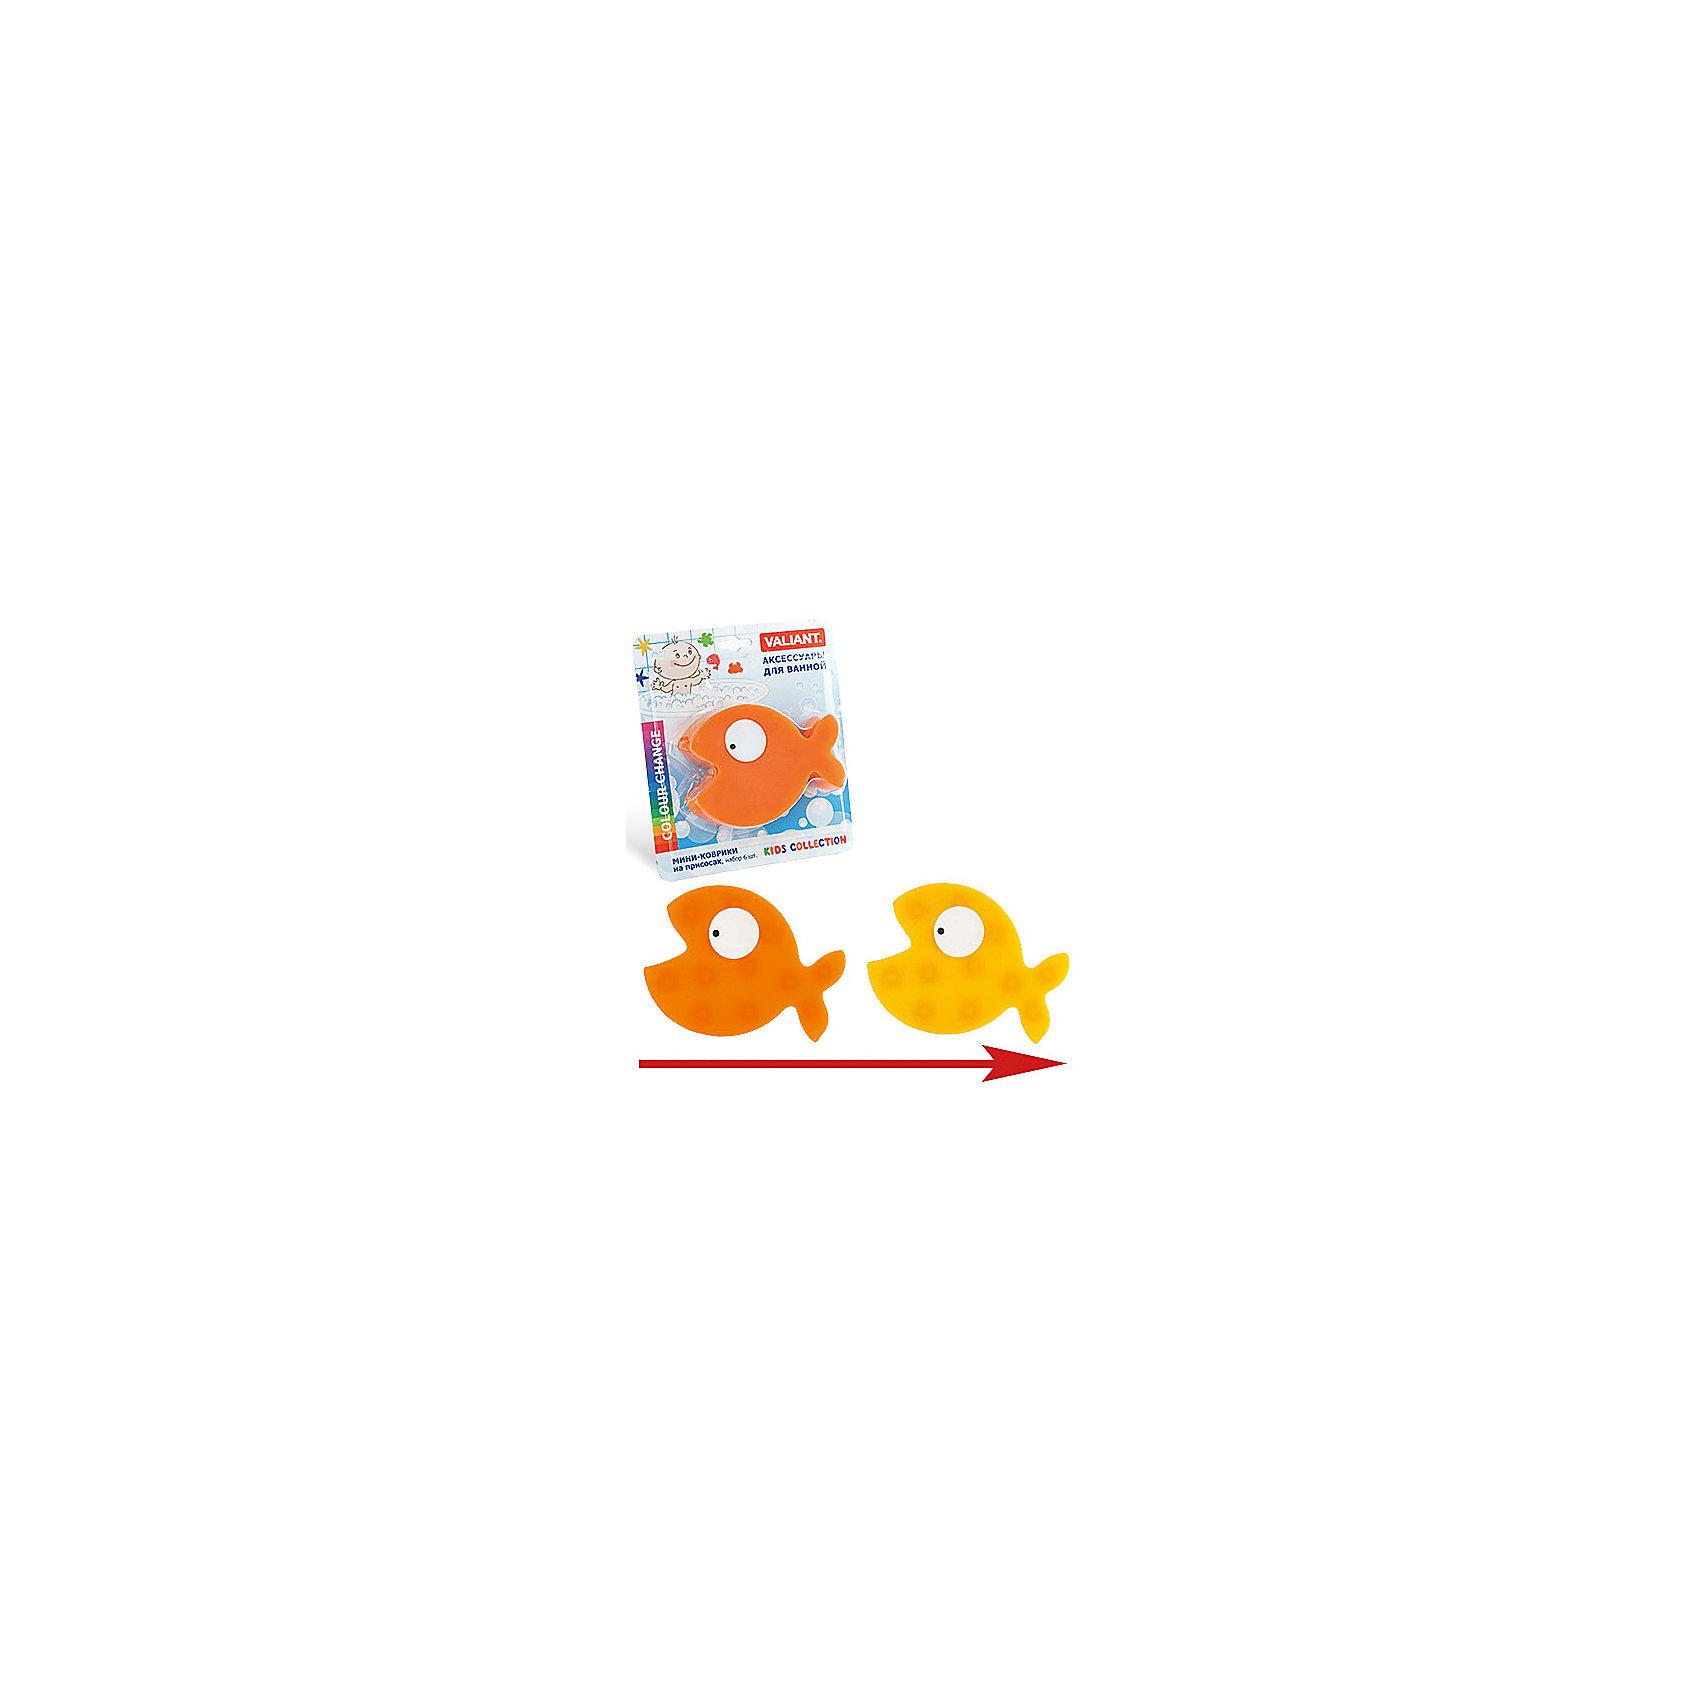 Набор ковриков Рыбка на присосках (6 шт)Мини-коврики для ванной комнаты - это яркое дополнение к купанию малыша. Это и игра и развитие моторики и изучение зверушек. <br>Колоссальный и постоянно растущий спрос на них обусловлен реакцией малышей и их мам на данное изобретение по всему миру.<br>Мини-коврики снабжены присосками и превосходно клеятся на влажный кафель.<br><br>Ширина мм: 170<br>Глубина мм: 35<br>Высота мм: 200<br>Вес г: 185<br>Возраст от месяцев: -2147483648<br>Возраст до месяцев: 2147483647<br>Пол: Унисекс<br>Возраст: Детский<br>SKU: 4563321